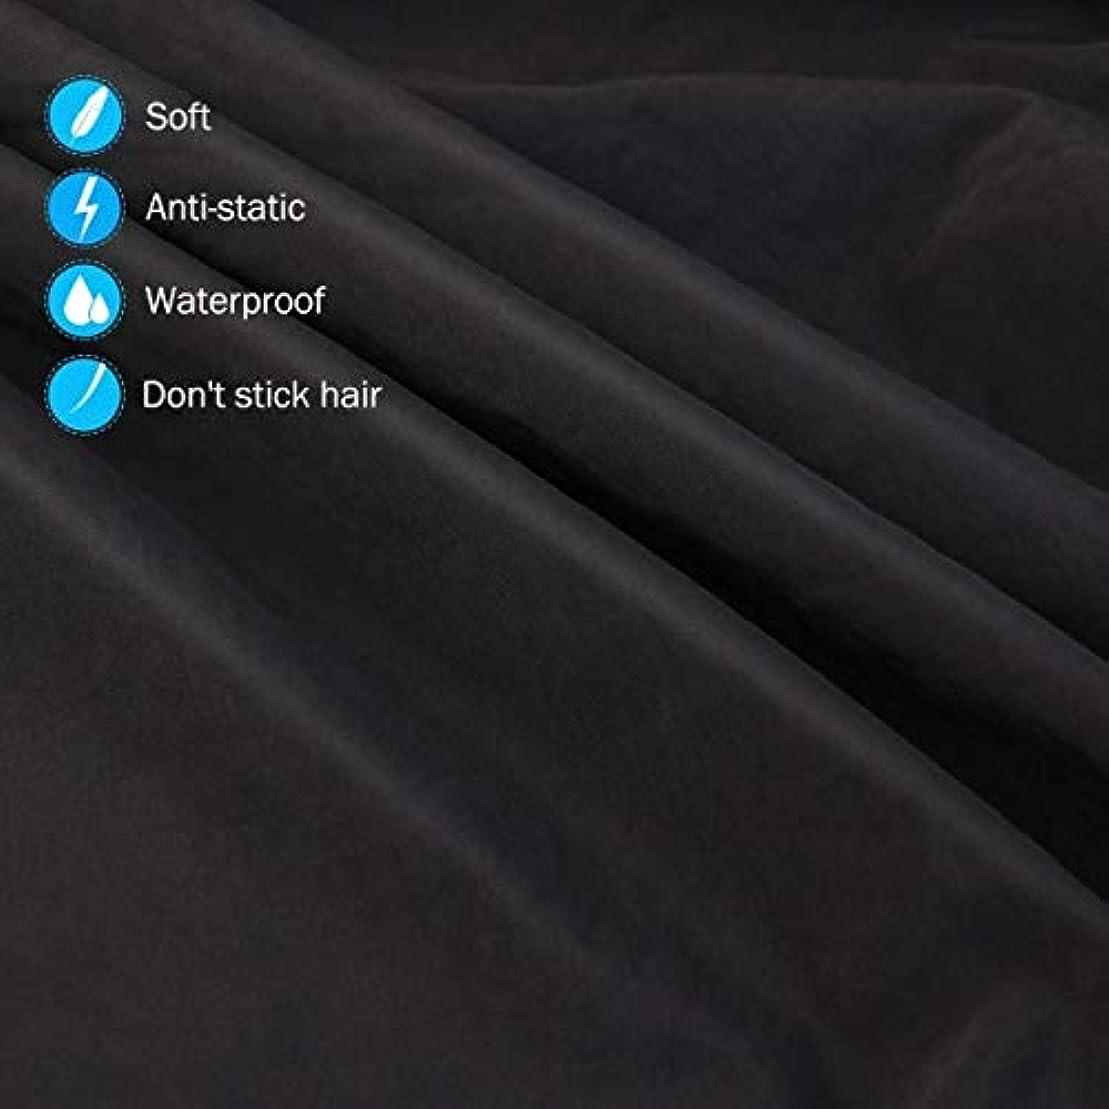 平手打ち祖母死の顎HIZLJJ 大広間の家の理髪師の観覧の窓が付いている理髪ケープのガウン毛の切断のための目に見える観覧の窓が付いている防水大広間のガウンのエプロン